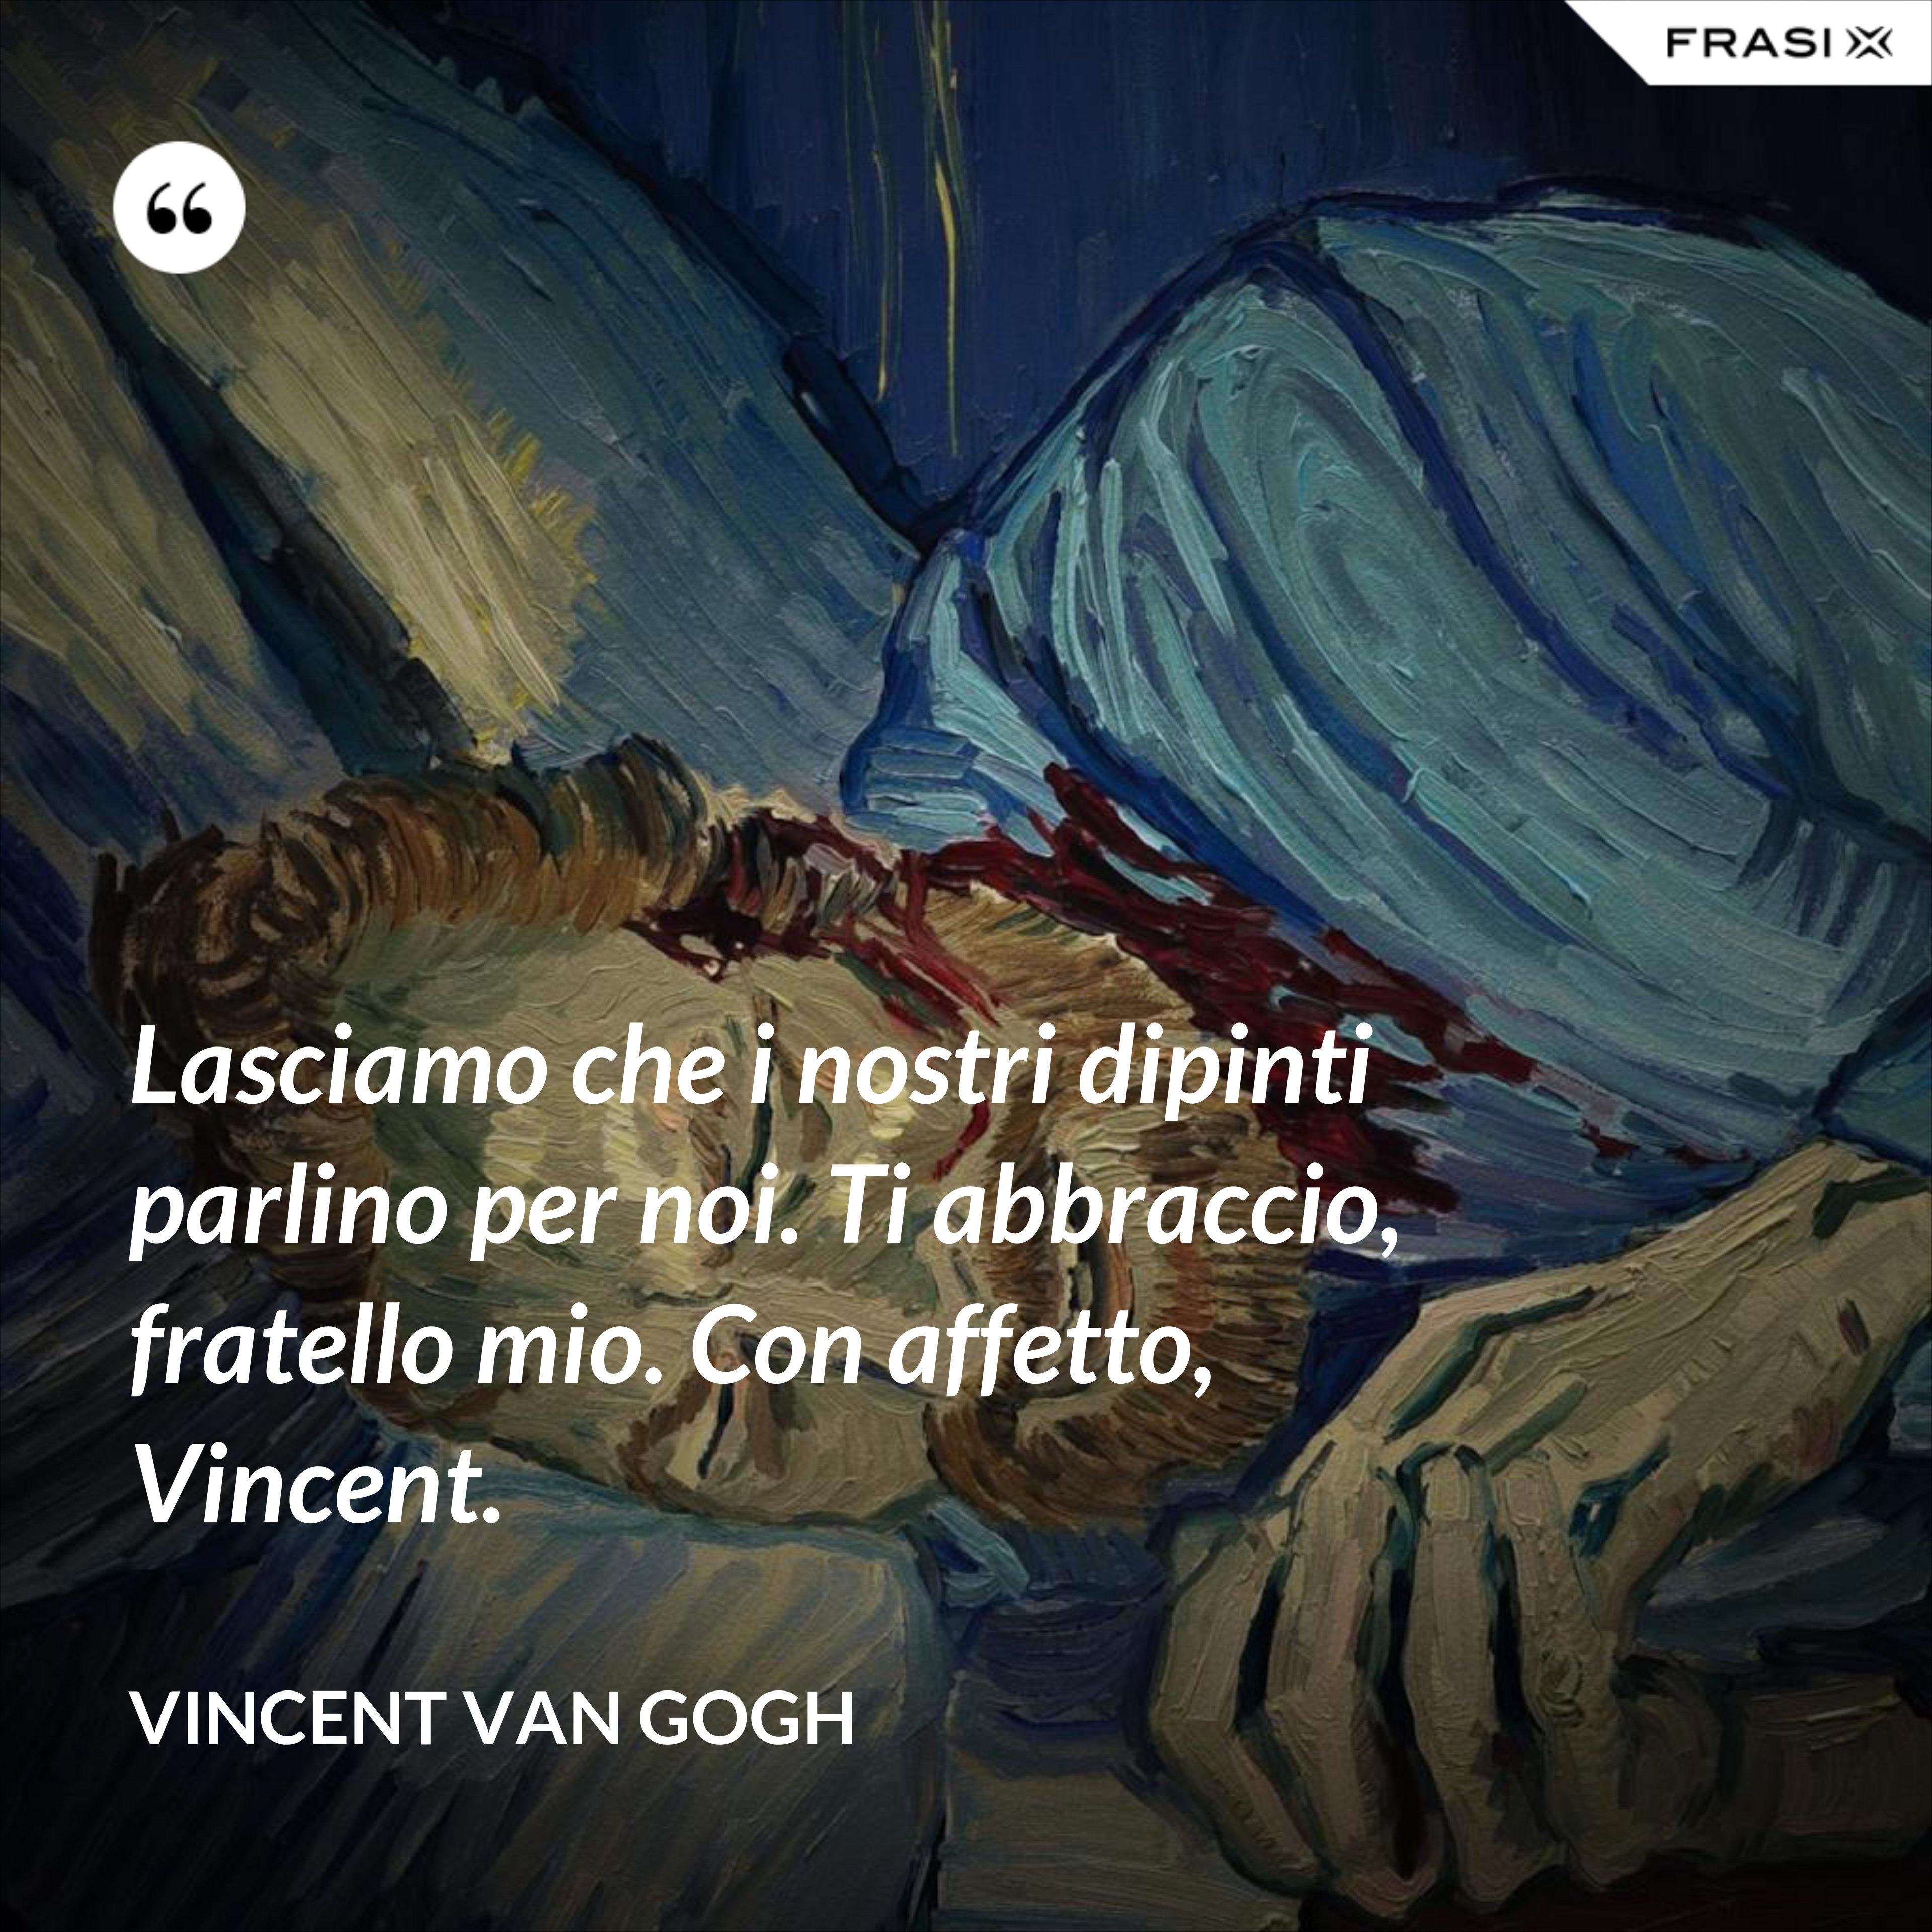 Lasciamo che i nostri dipinti parlino per noi. Ti abbraccio, fratello mio. Con affetto, Vincent. - Vincent Van Gogh